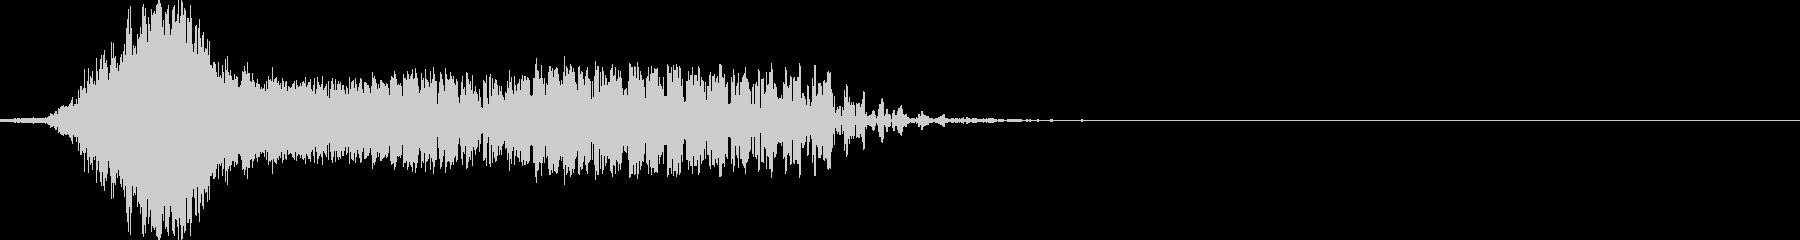 フライバイバージョン1の未再生の波形